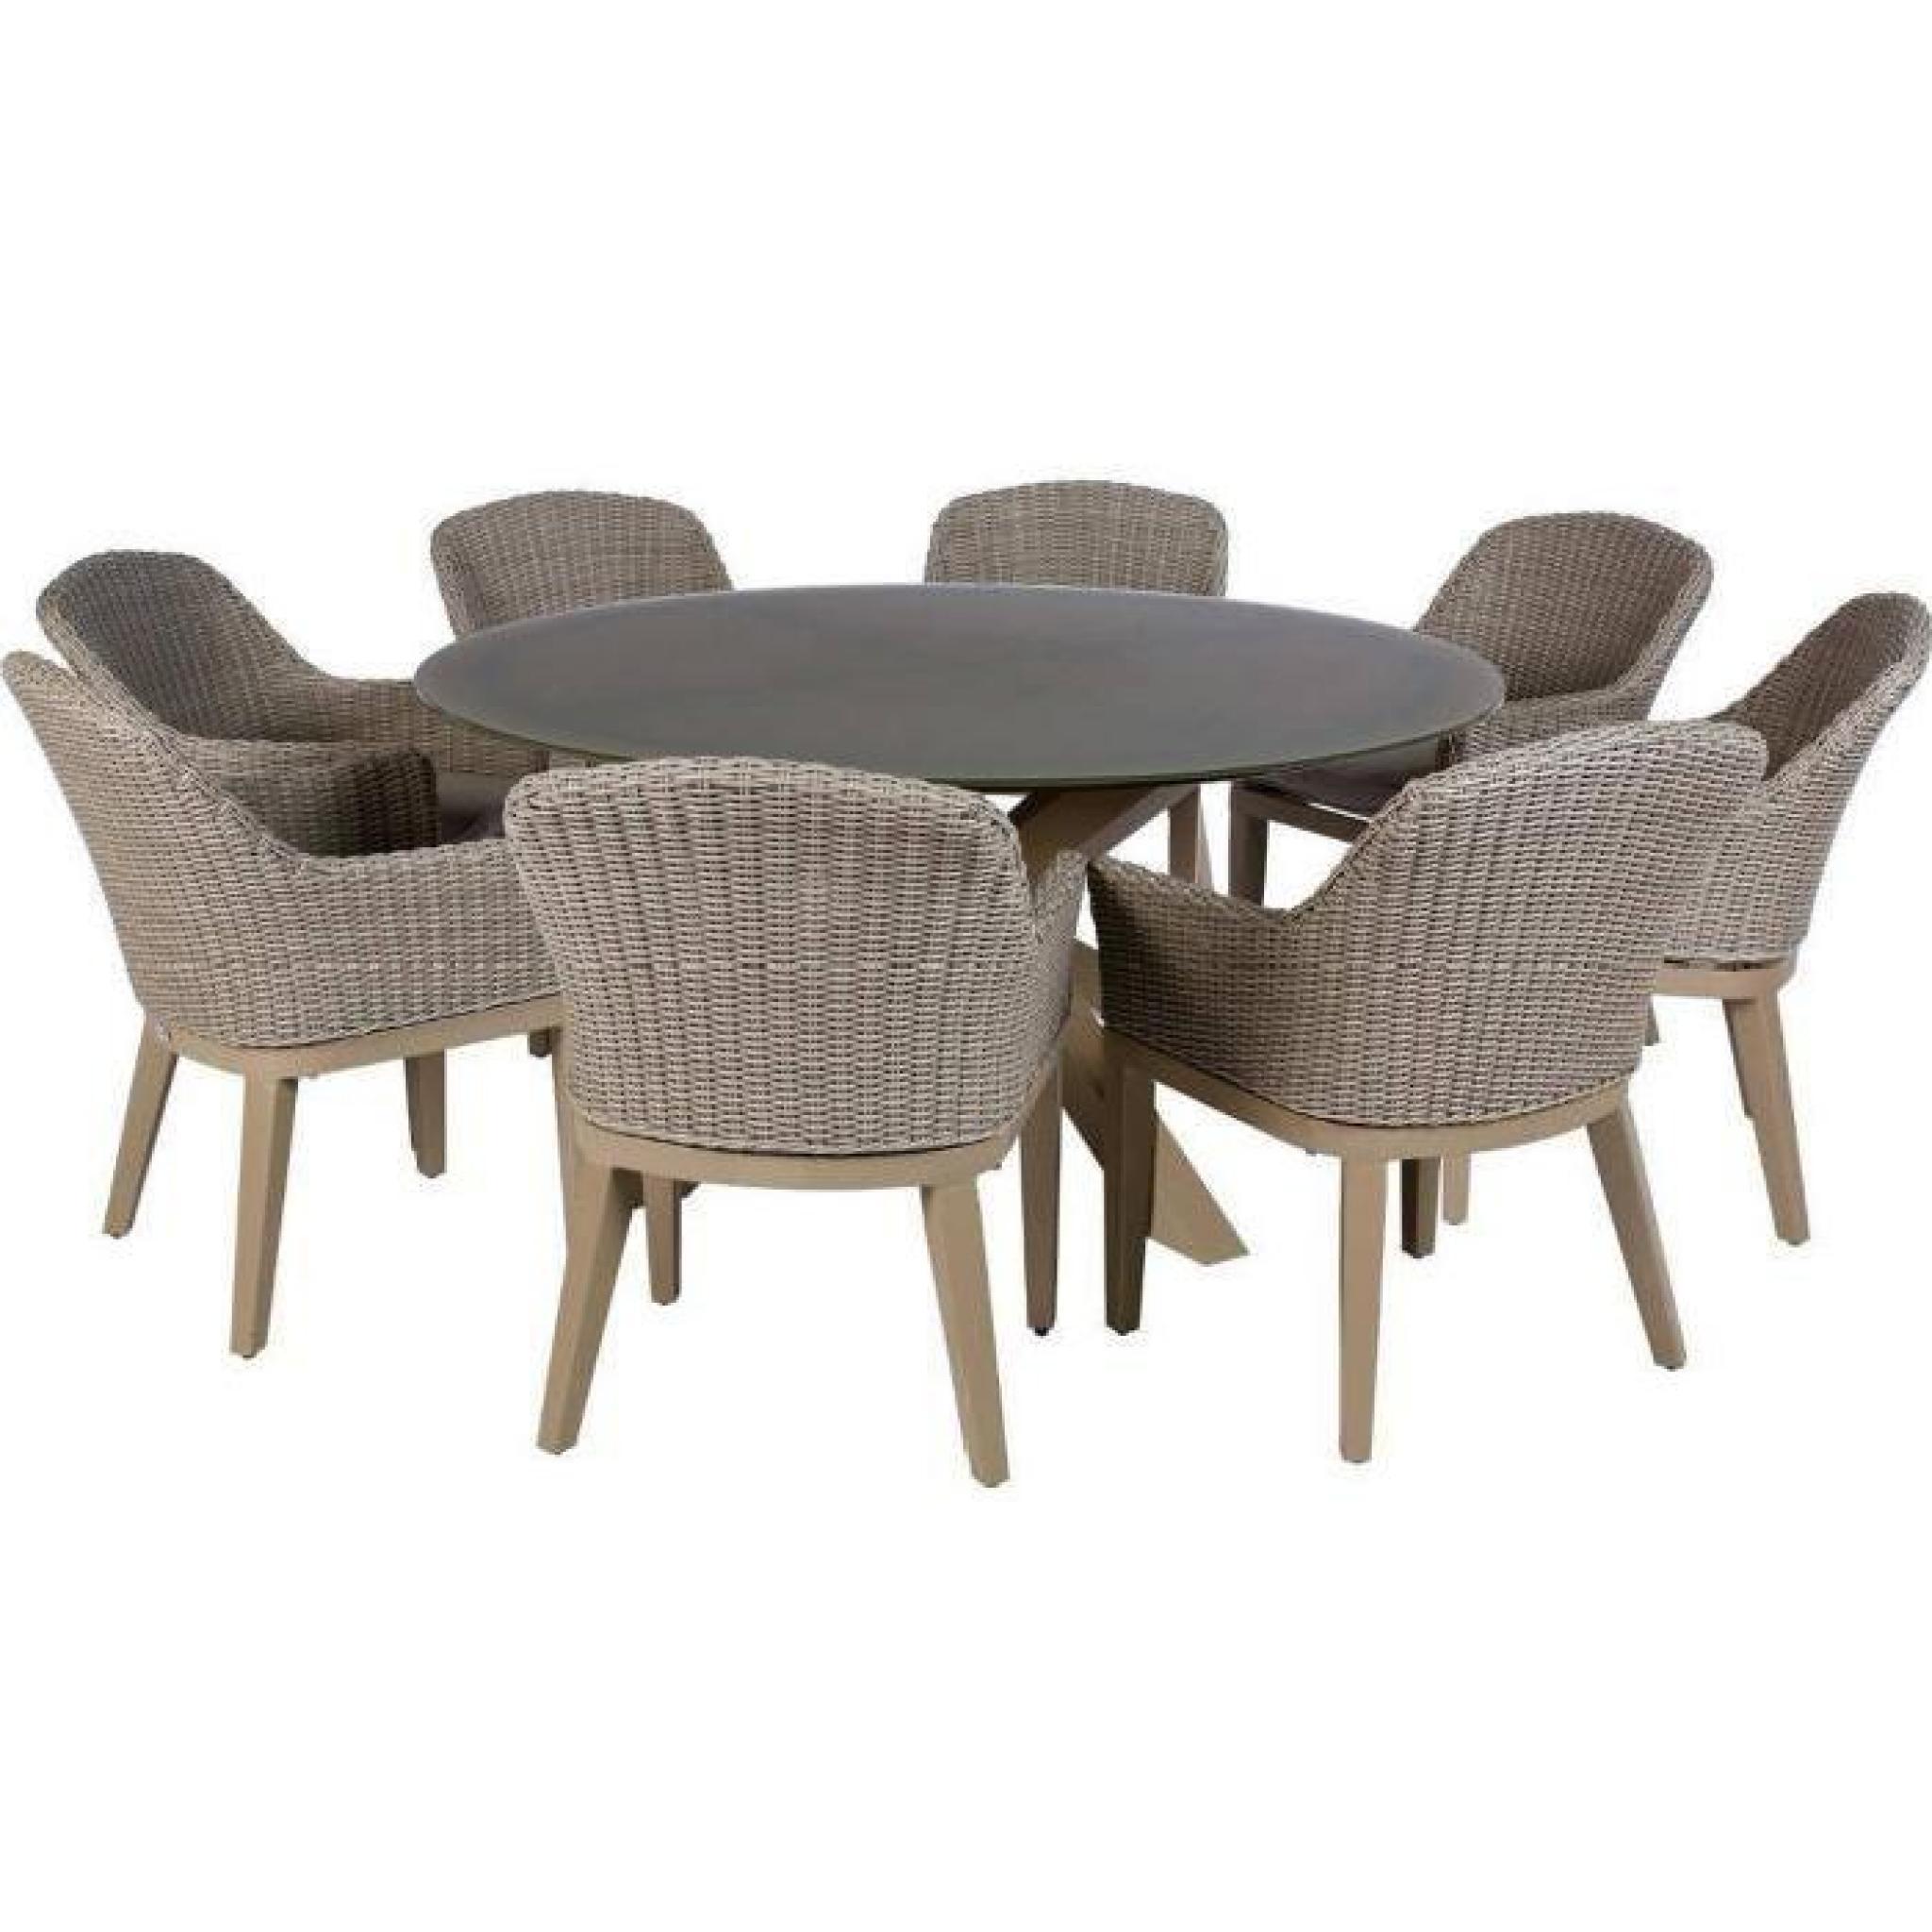 Table Ronde De Jardin En Aluminium Coloris Taupe - Dim : D 160 X H 75Cm dedans Table De Jardin Ronde Pas Cher